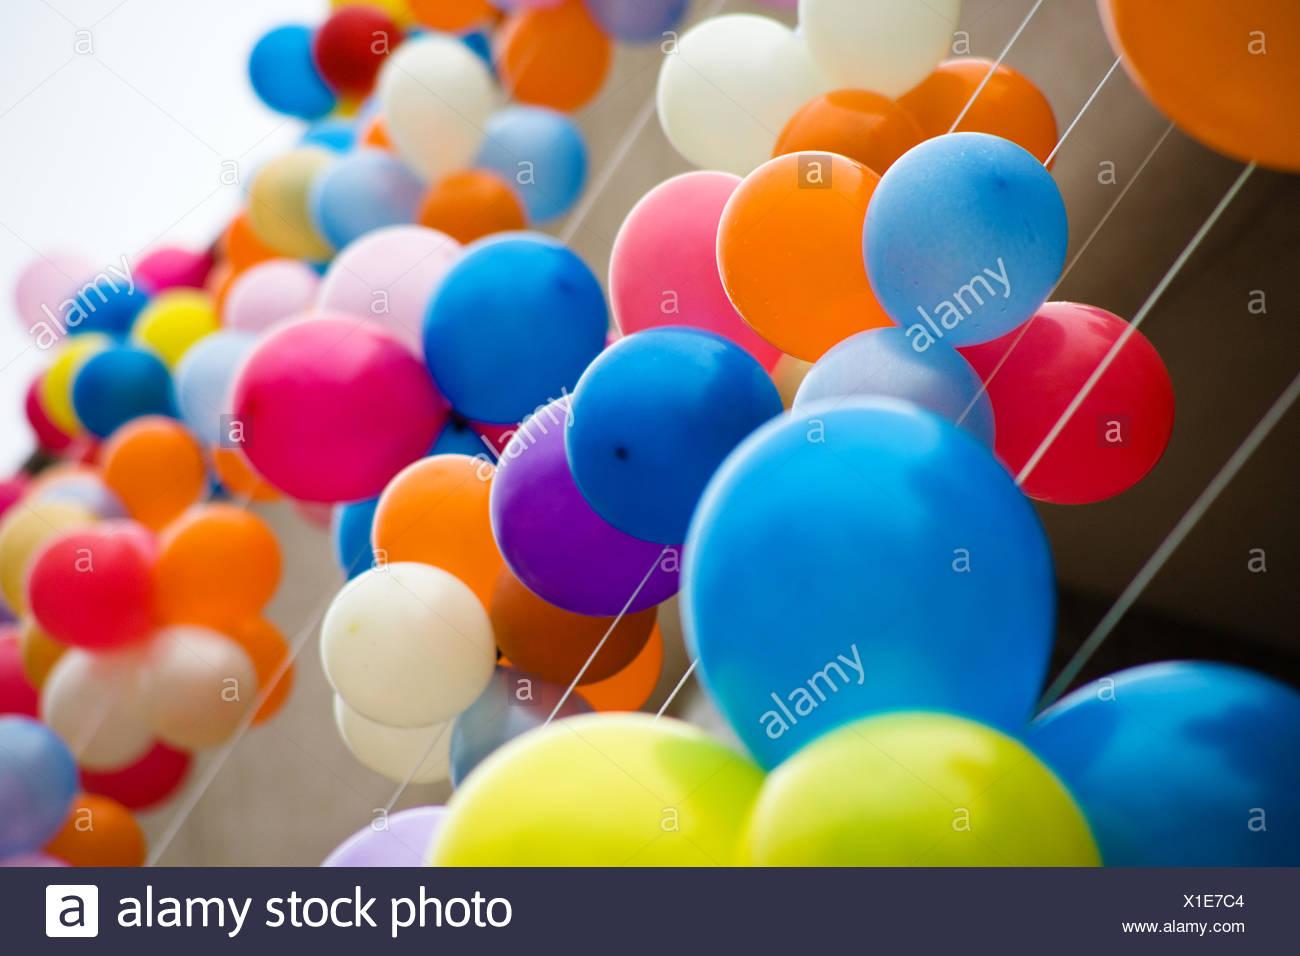 Ausgezeichnet Geburtstag Ballon Färbung Seite Galerie - Framing ...